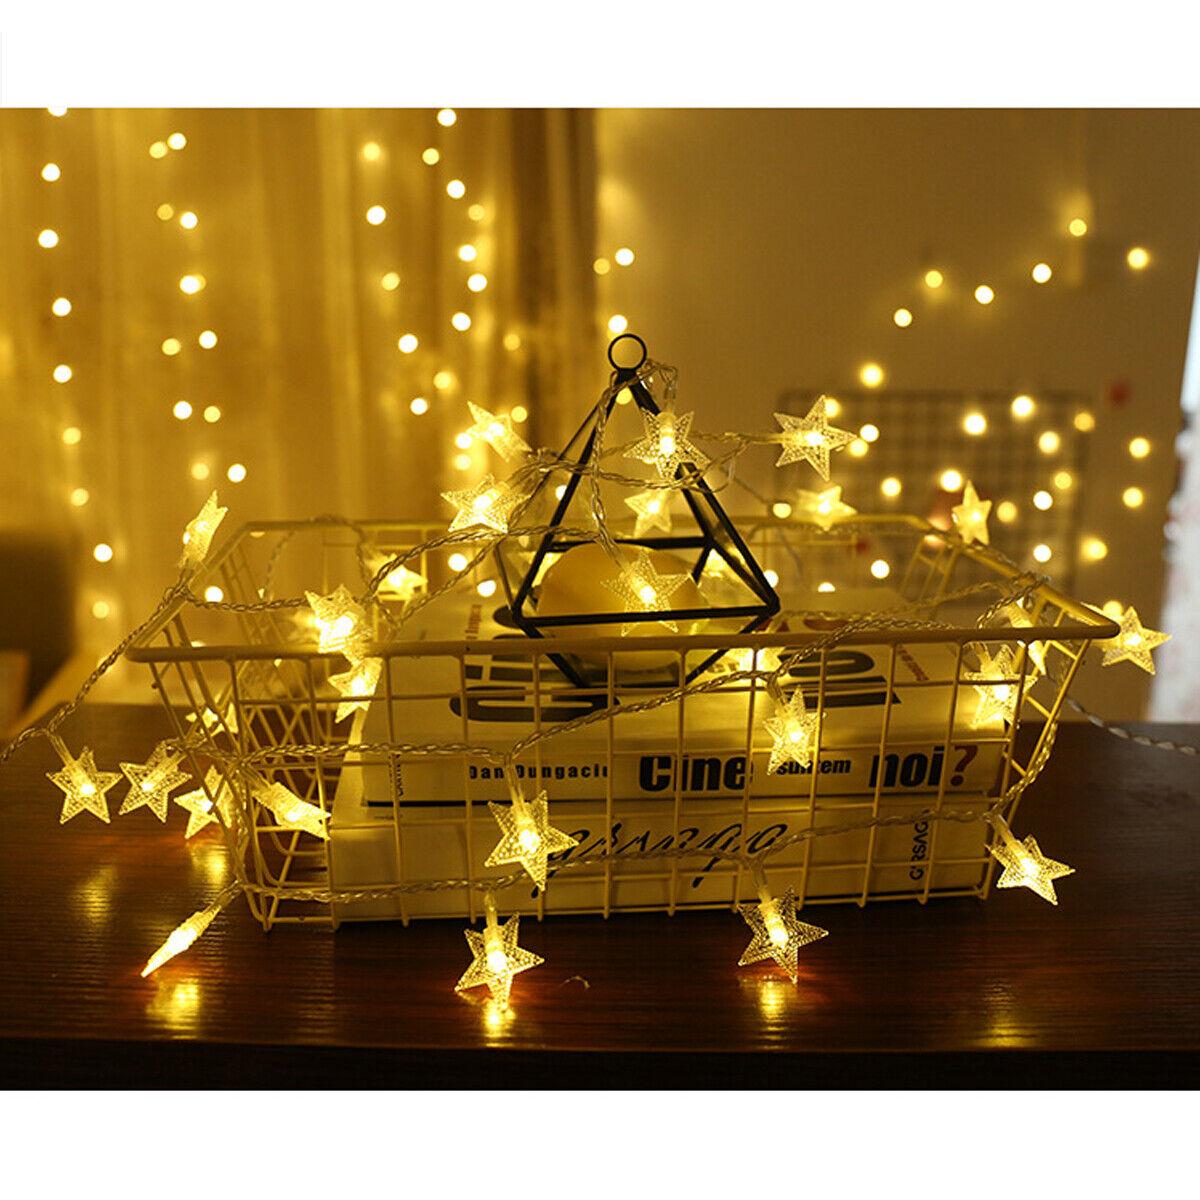 LED Sternenlicht Zelt Kinder Pyramiden Zelt Tipi Indianer Zelt Spielzelt Teepee